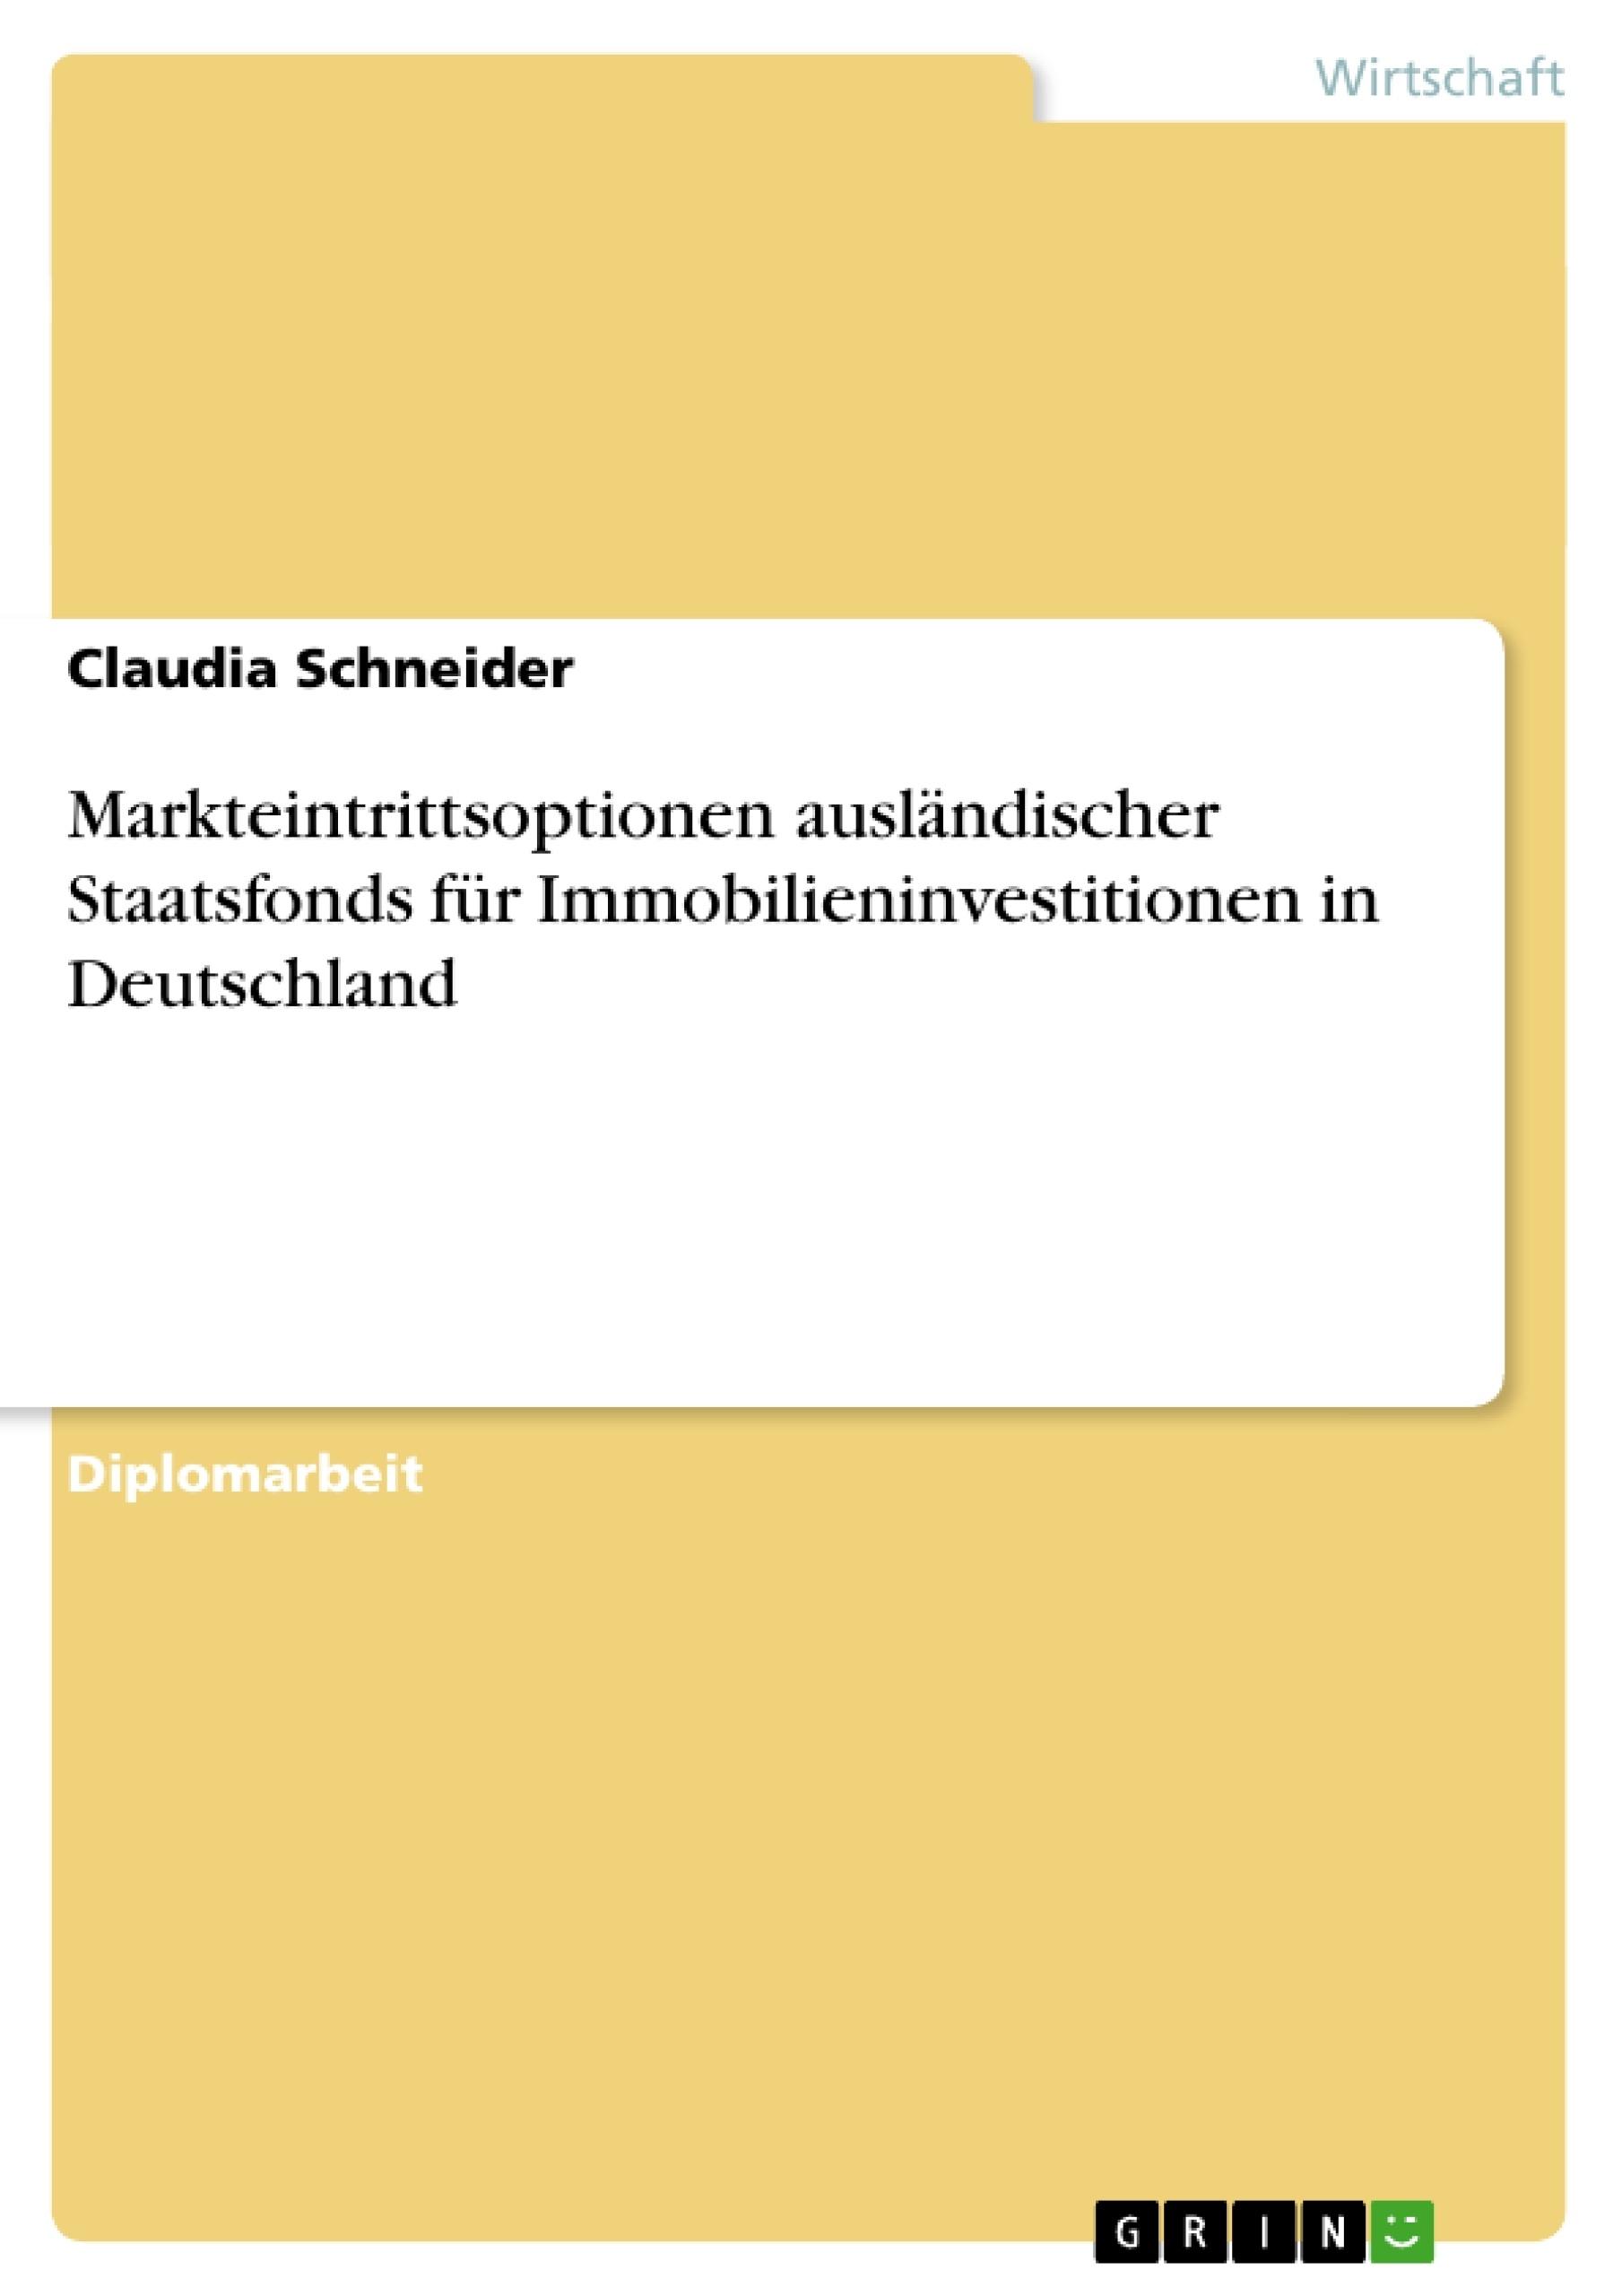 Titel: Markteintrittsoptionen ausländischer Staatsfonds für Immobilieninvestitionen in Deutschland